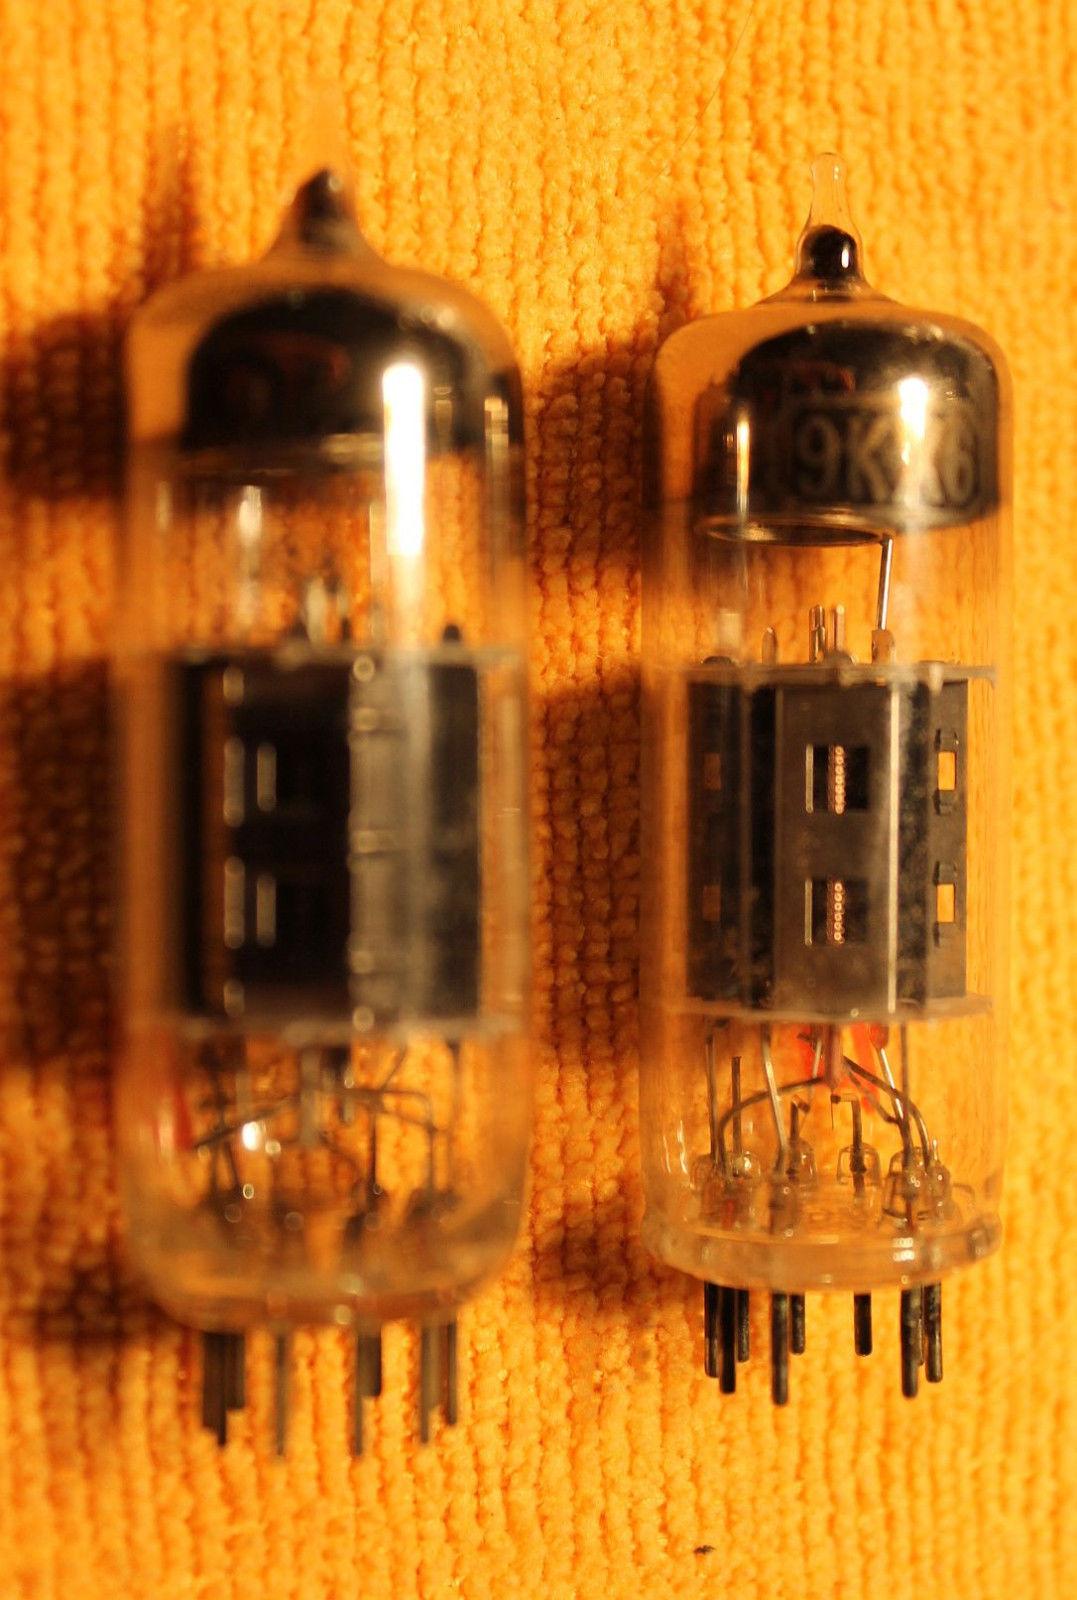 Vintage Radio Vacuum Tube (one): 9KX6 - Tested Good